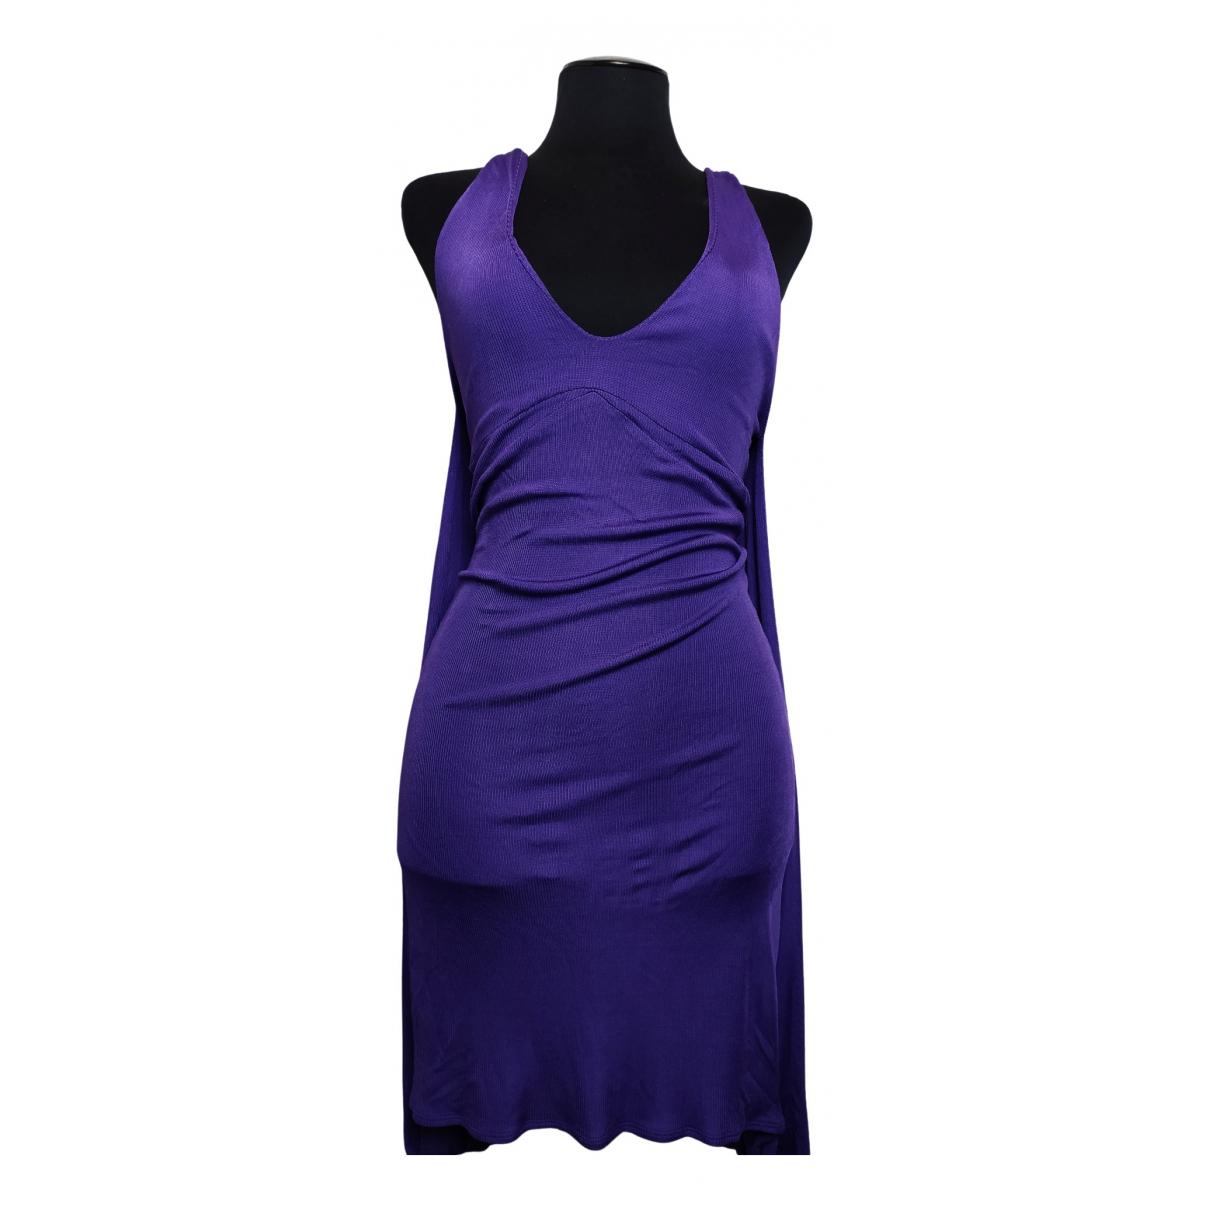 Just Cavalli \N Kleid in Baumwolle - Elasthan